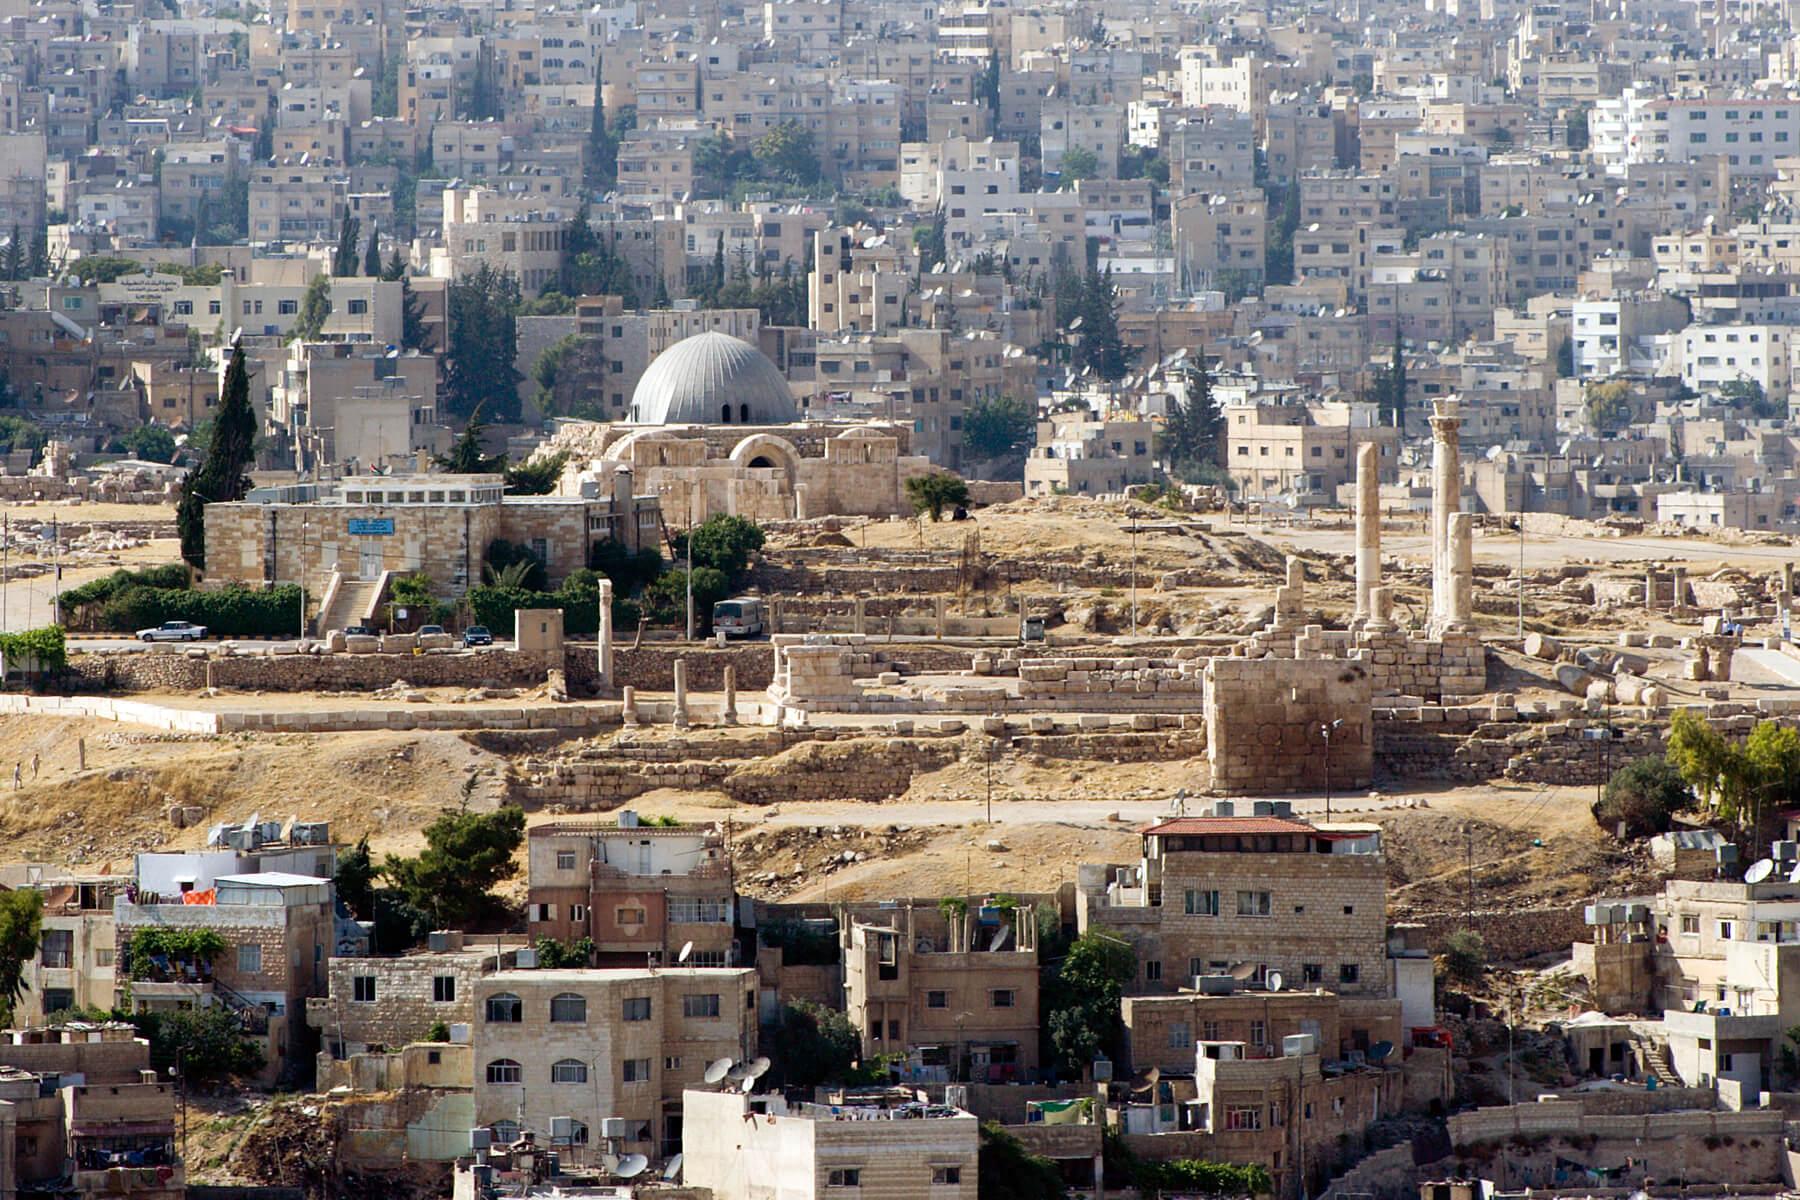 Paczki i przesyłki do Ammana stolicy Jordanii